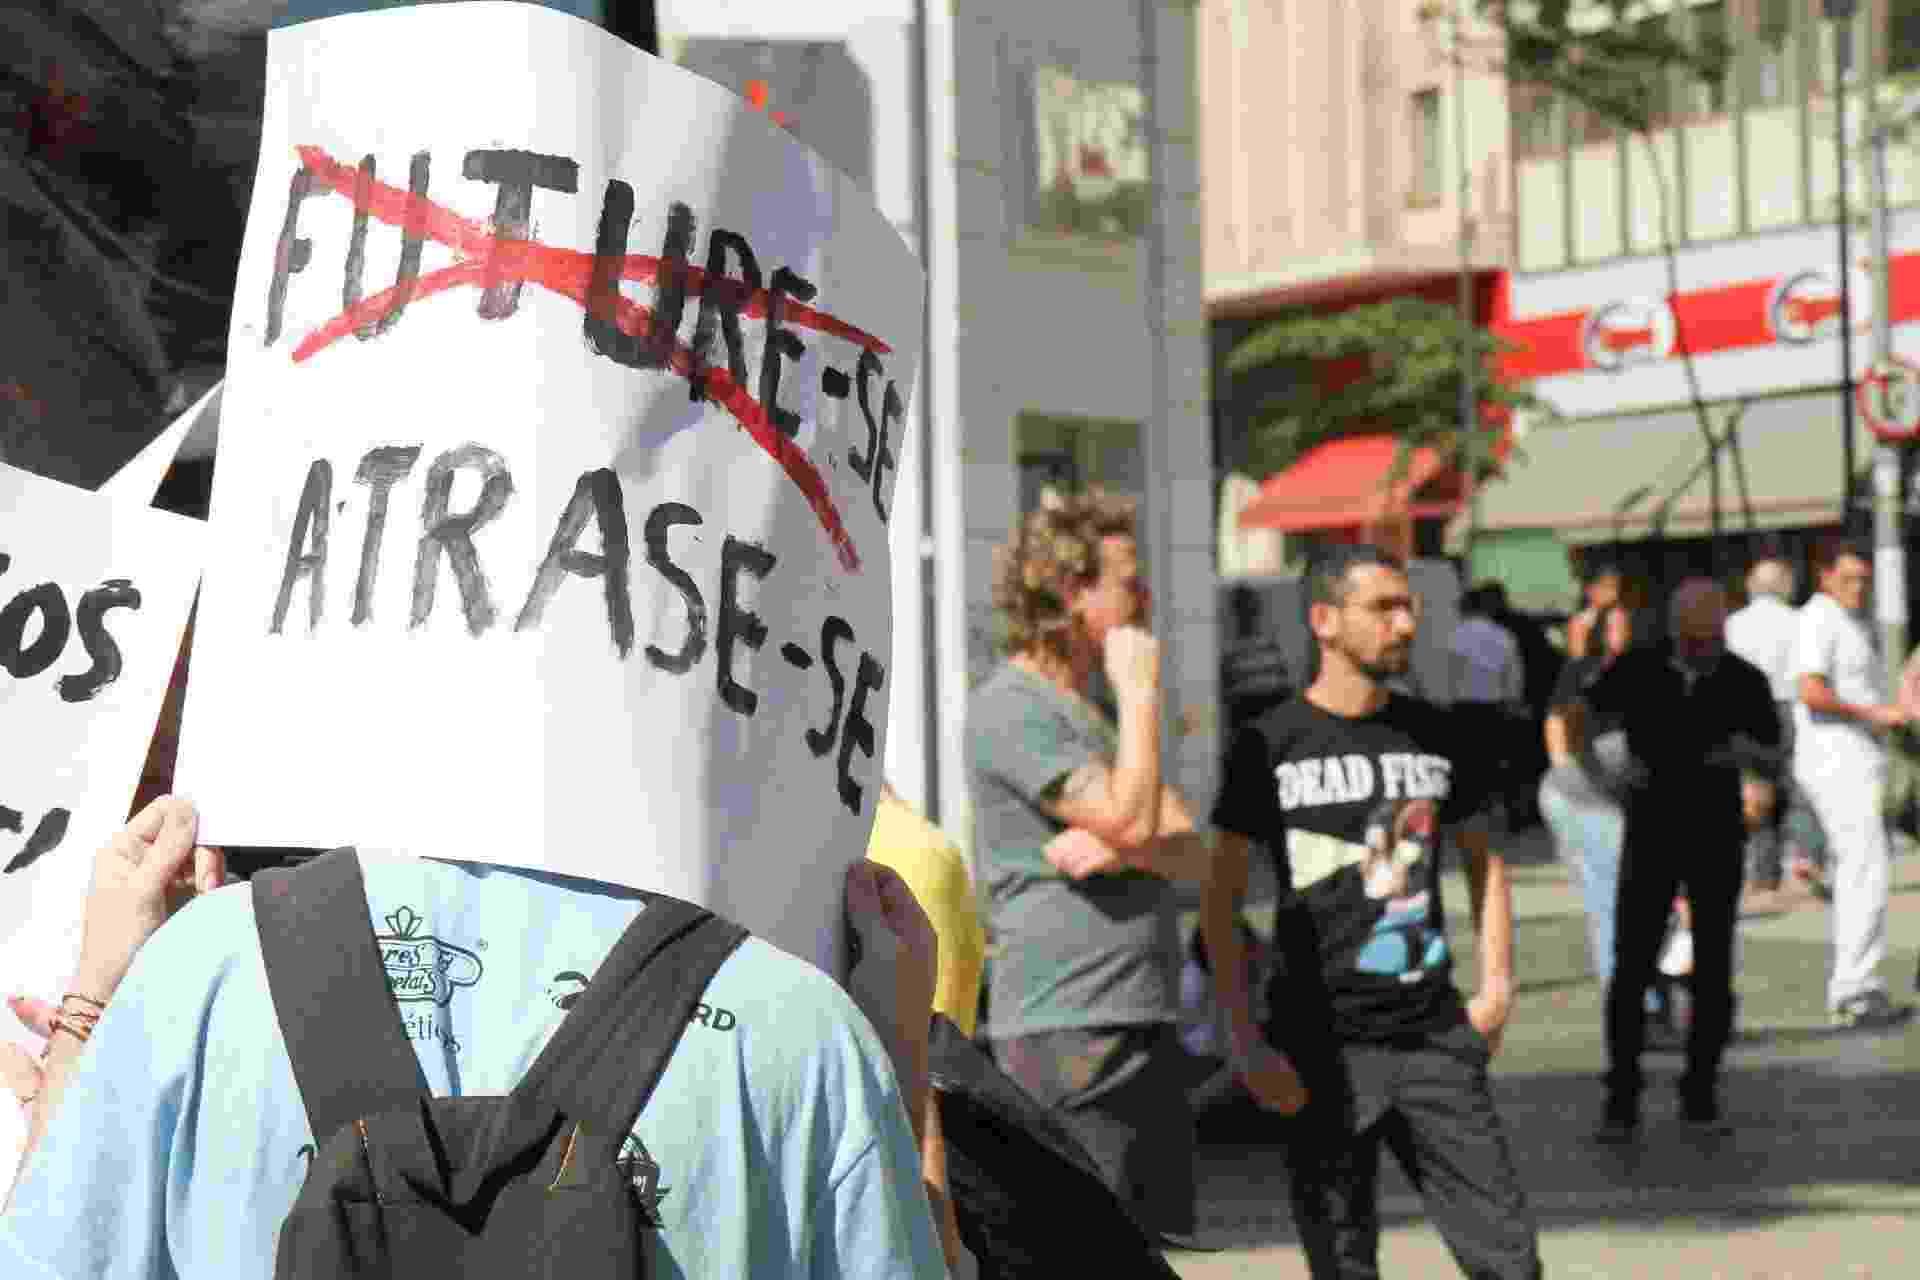 Manifestantes se mobilizam nas ruas contra os contingenciamentos na educação - Luciano Claudino/Código19/Estadão Conteúdo